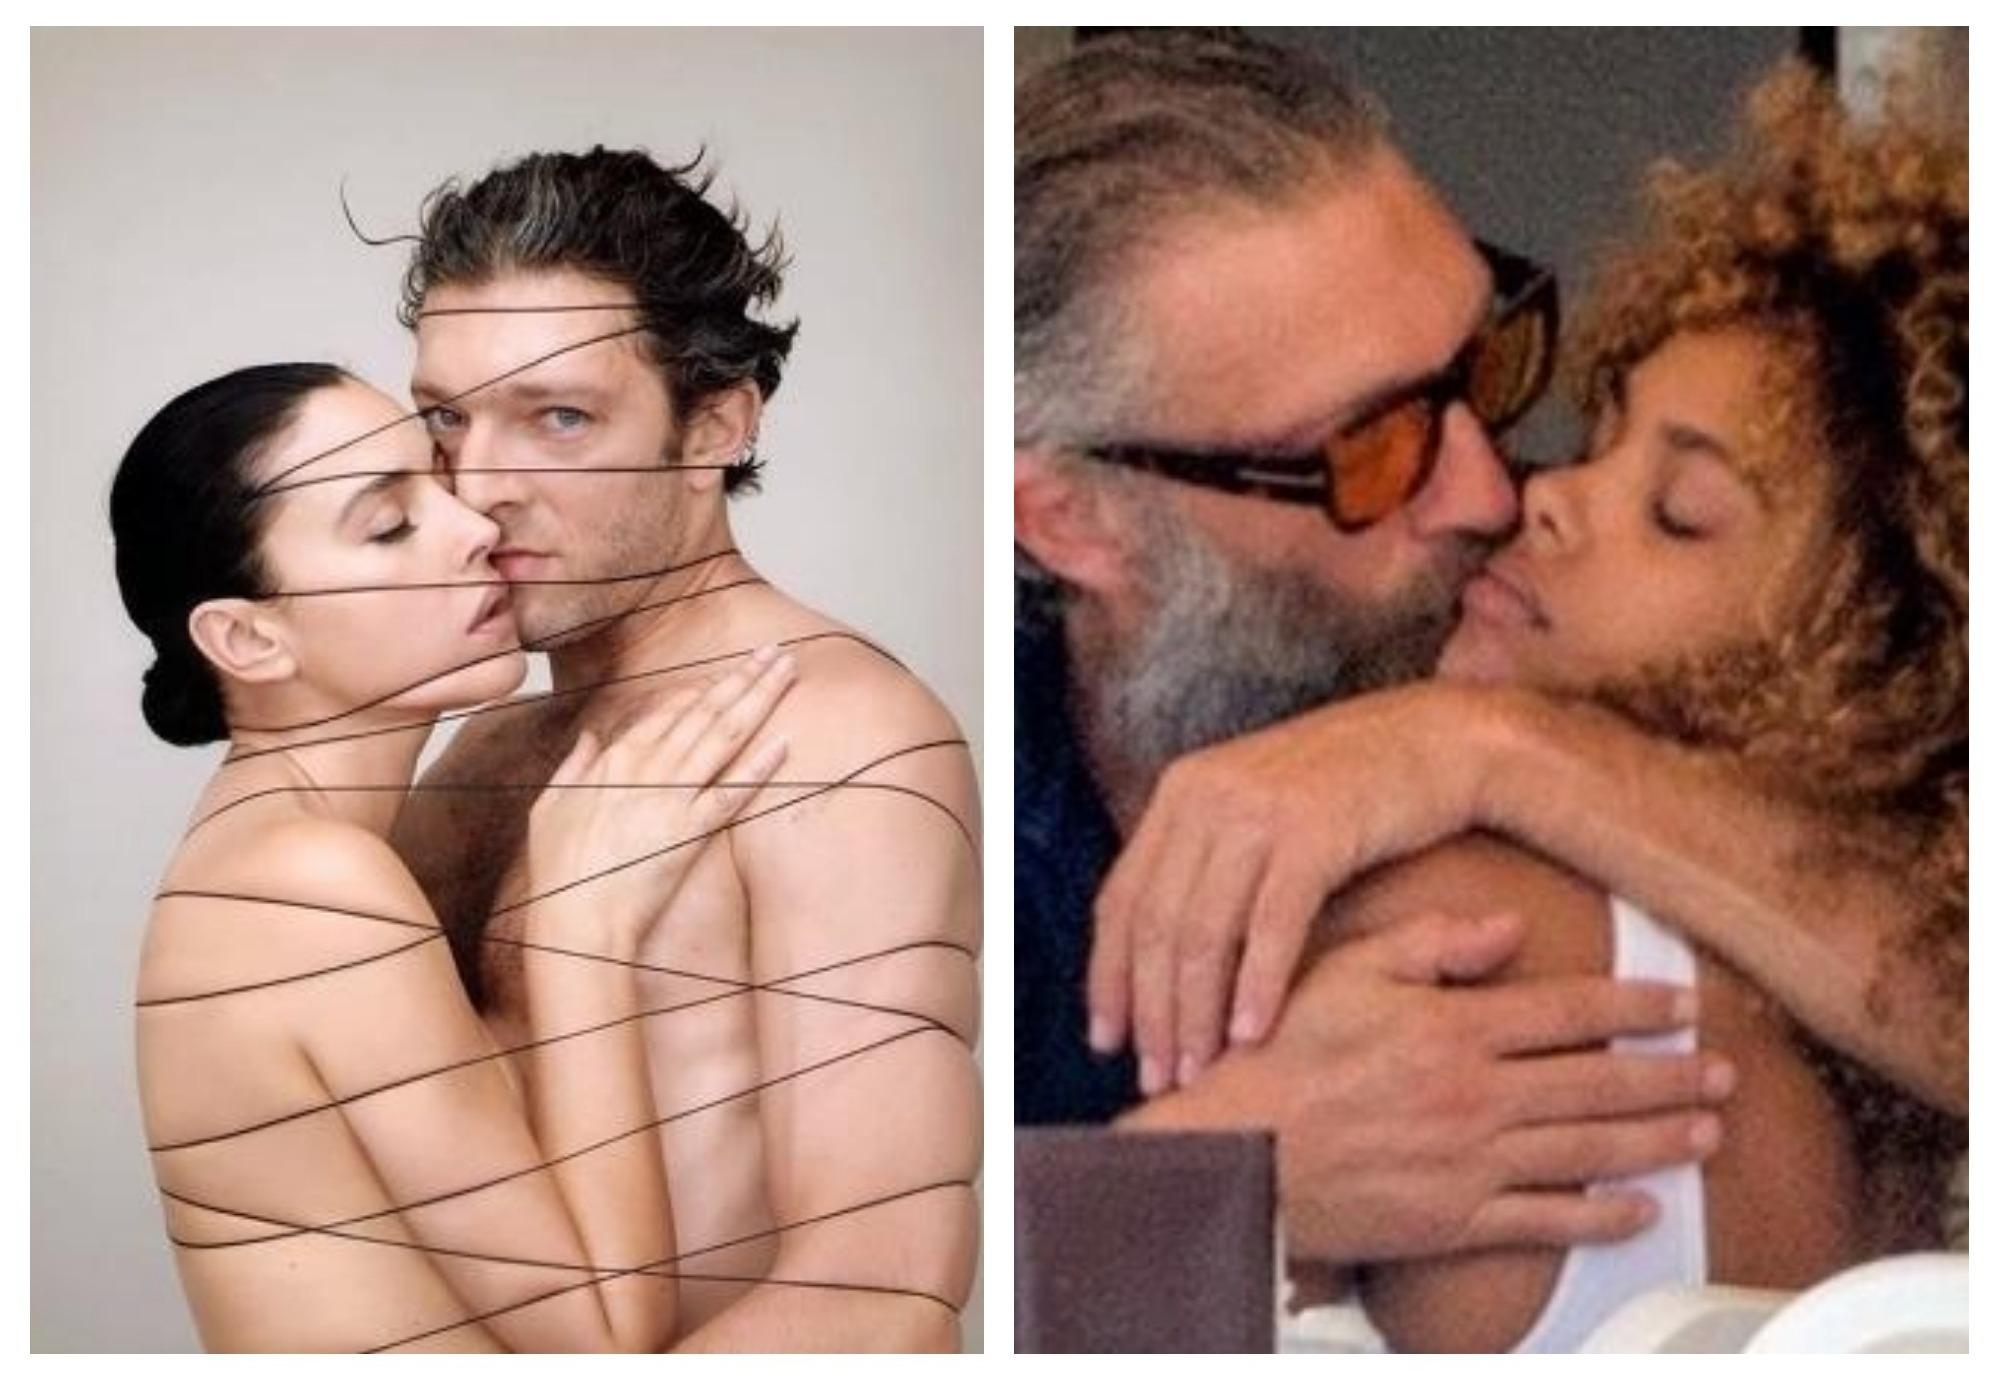 Экс-супруг Моники Беллуччи 51-летний Венсан Кассель сделал предложение 20-летней модели – ФОТО